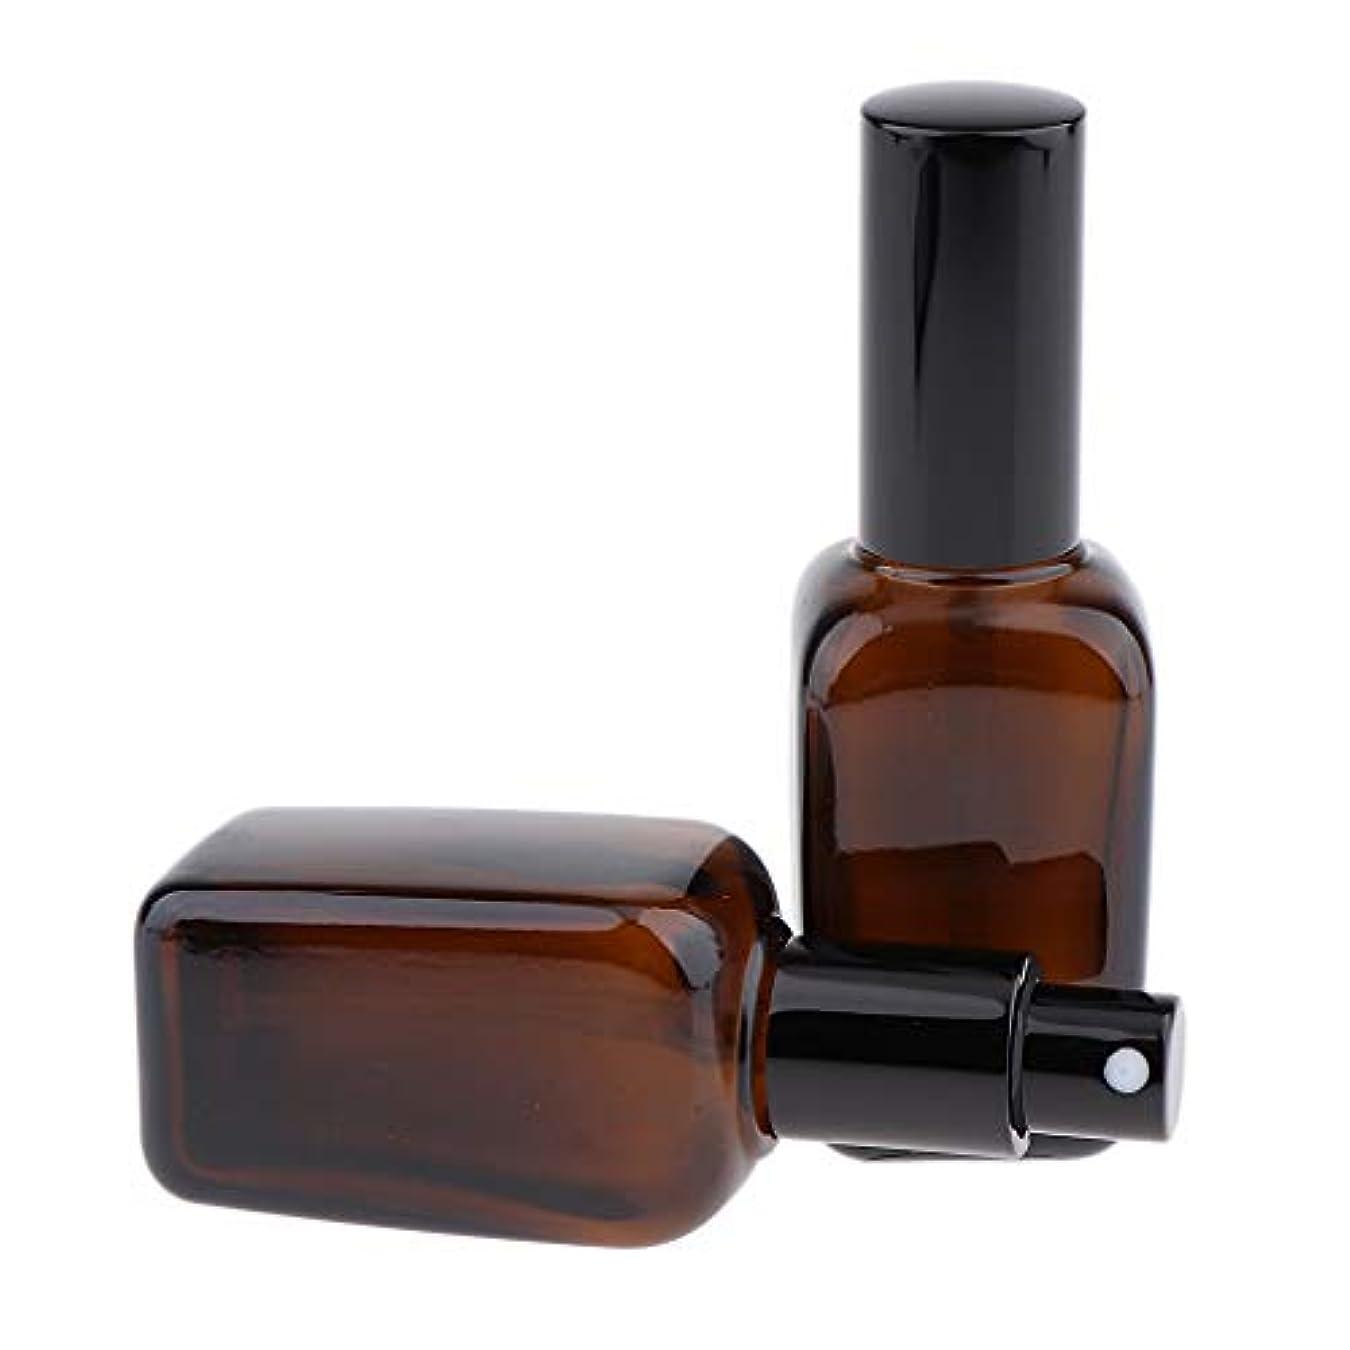 従事した受け入れた金額香水 アロマテラピー エッセンシャルオイル ボトル 10/20/30/50/100ml ガラス 5サイズ選べ - 50ml